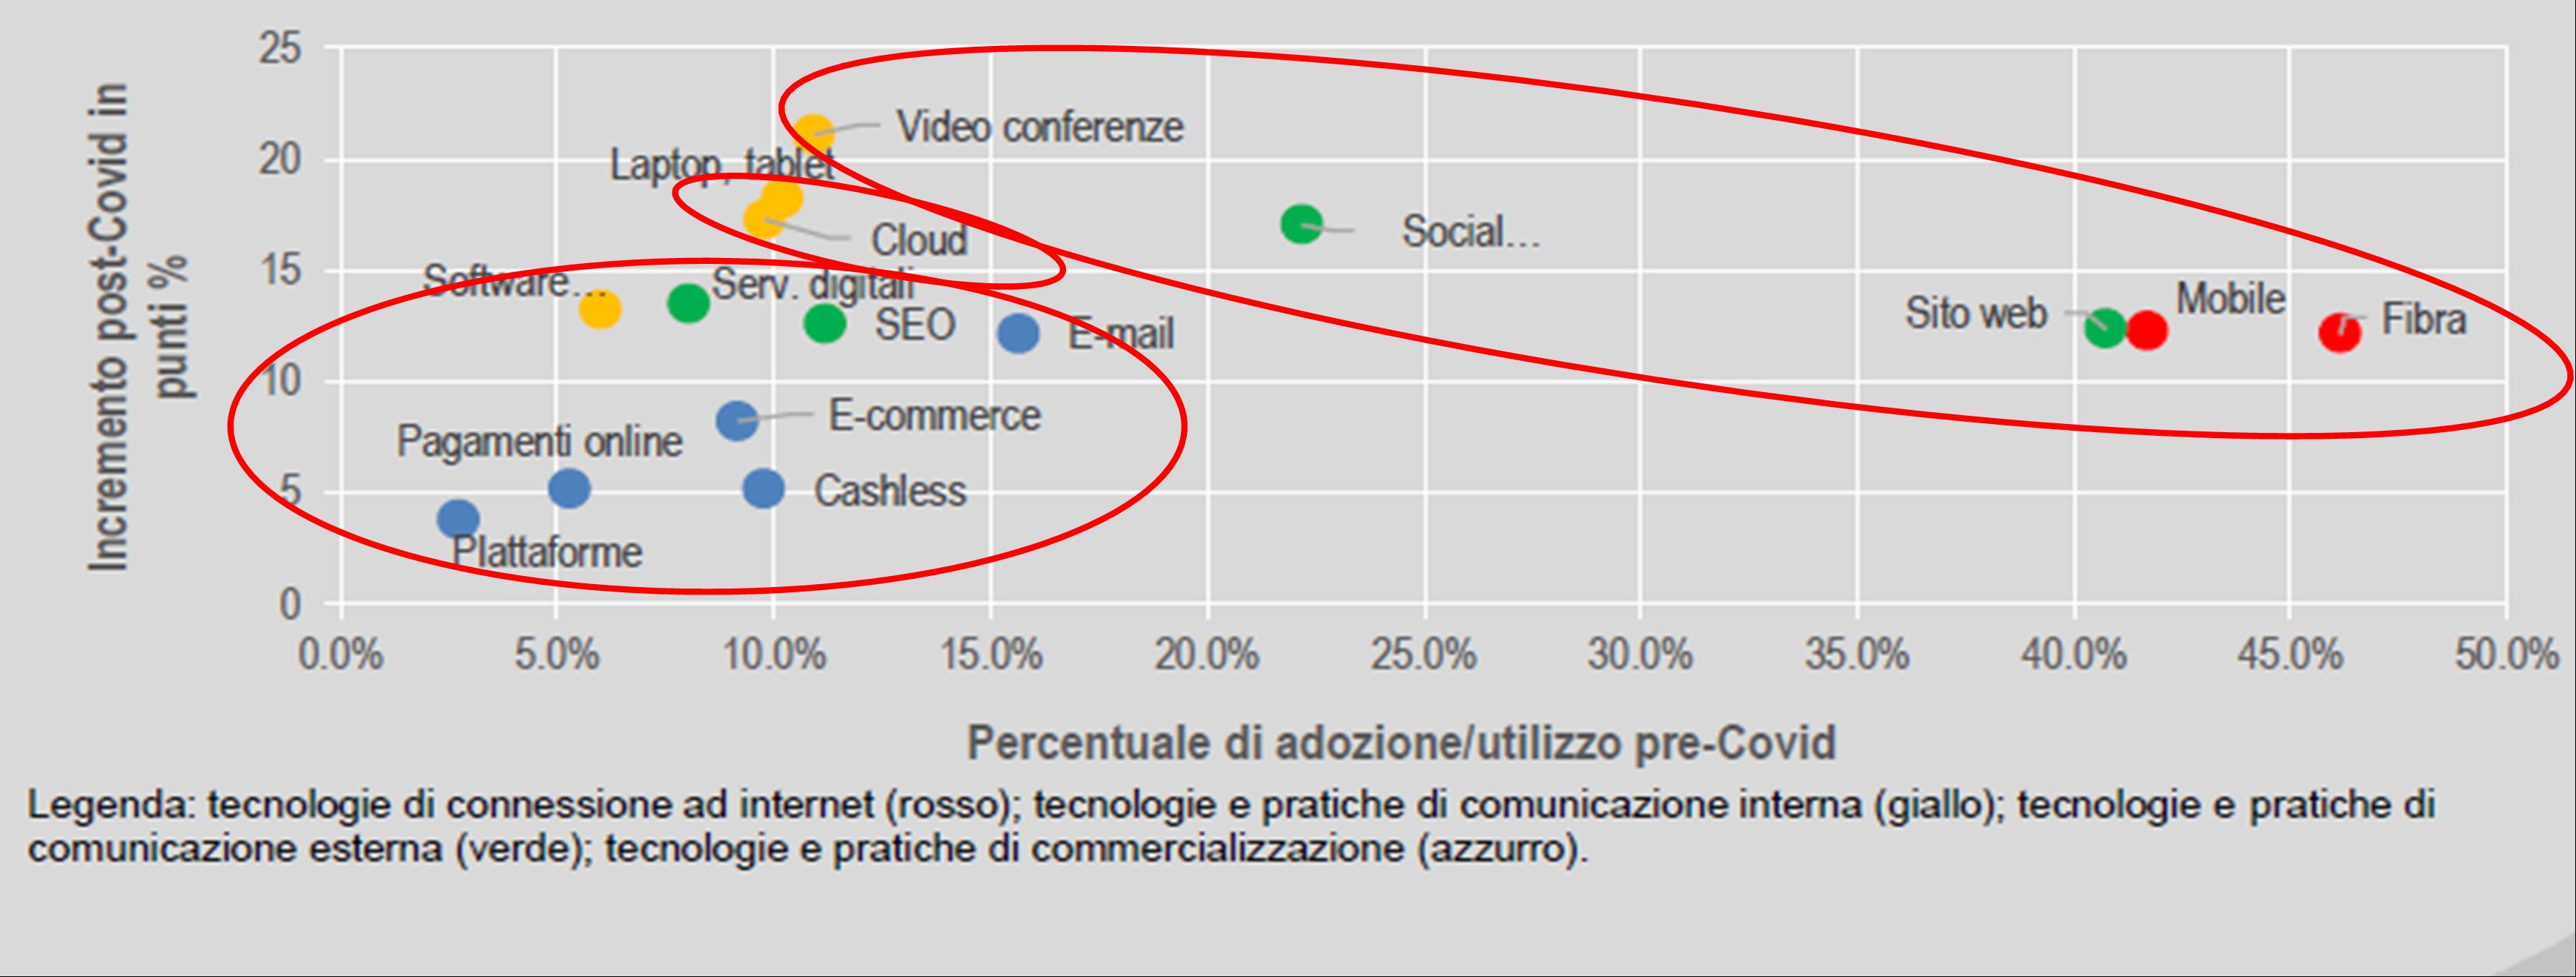 Utilizzo pre-Covid e post-Covid di tecnologie ICT nelle imprese italiane Valori percentuali su totale imprese e differenze in punti percentuali - Fonte : Istat